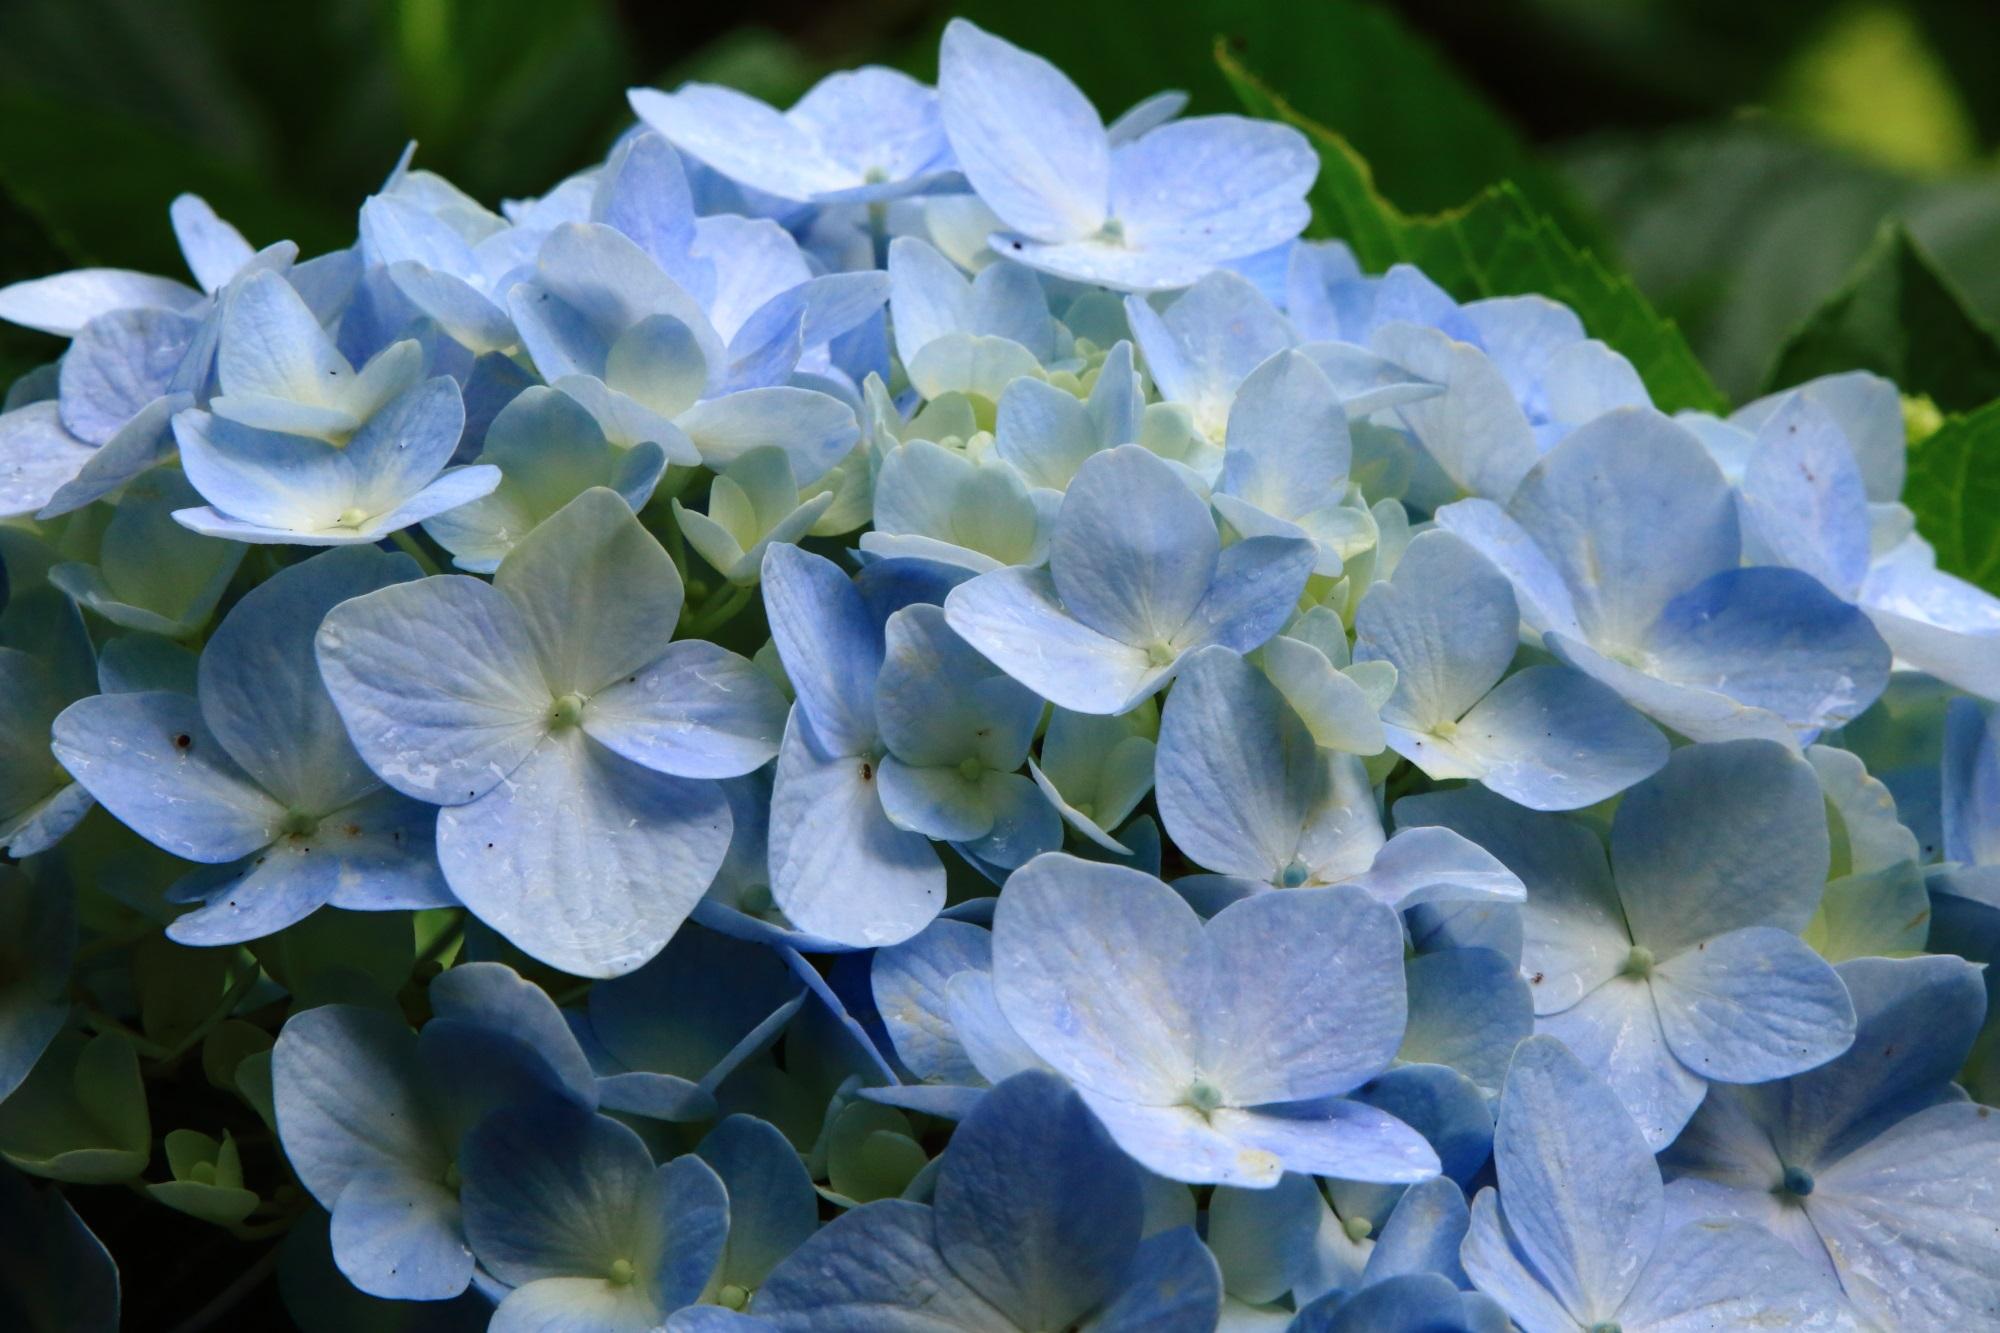 丹波あじさい寺の淡い水色の優しそうな紫陽花